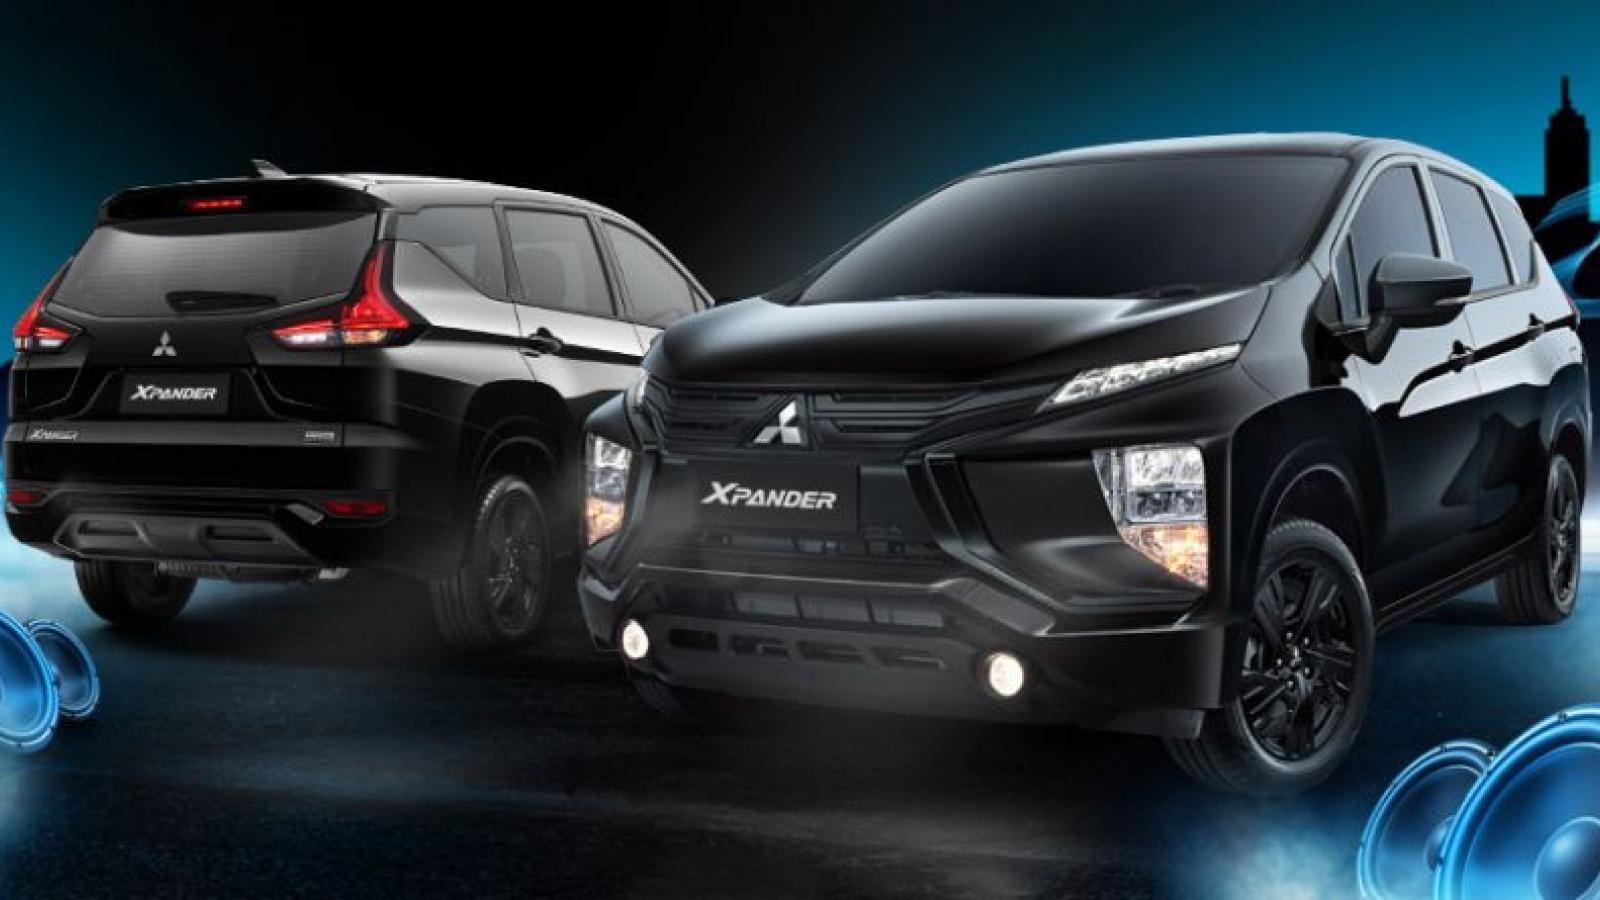 Bộ đôi Mitsubishi Xpander và Xpander Cross thêm phiên bản đặc biệt